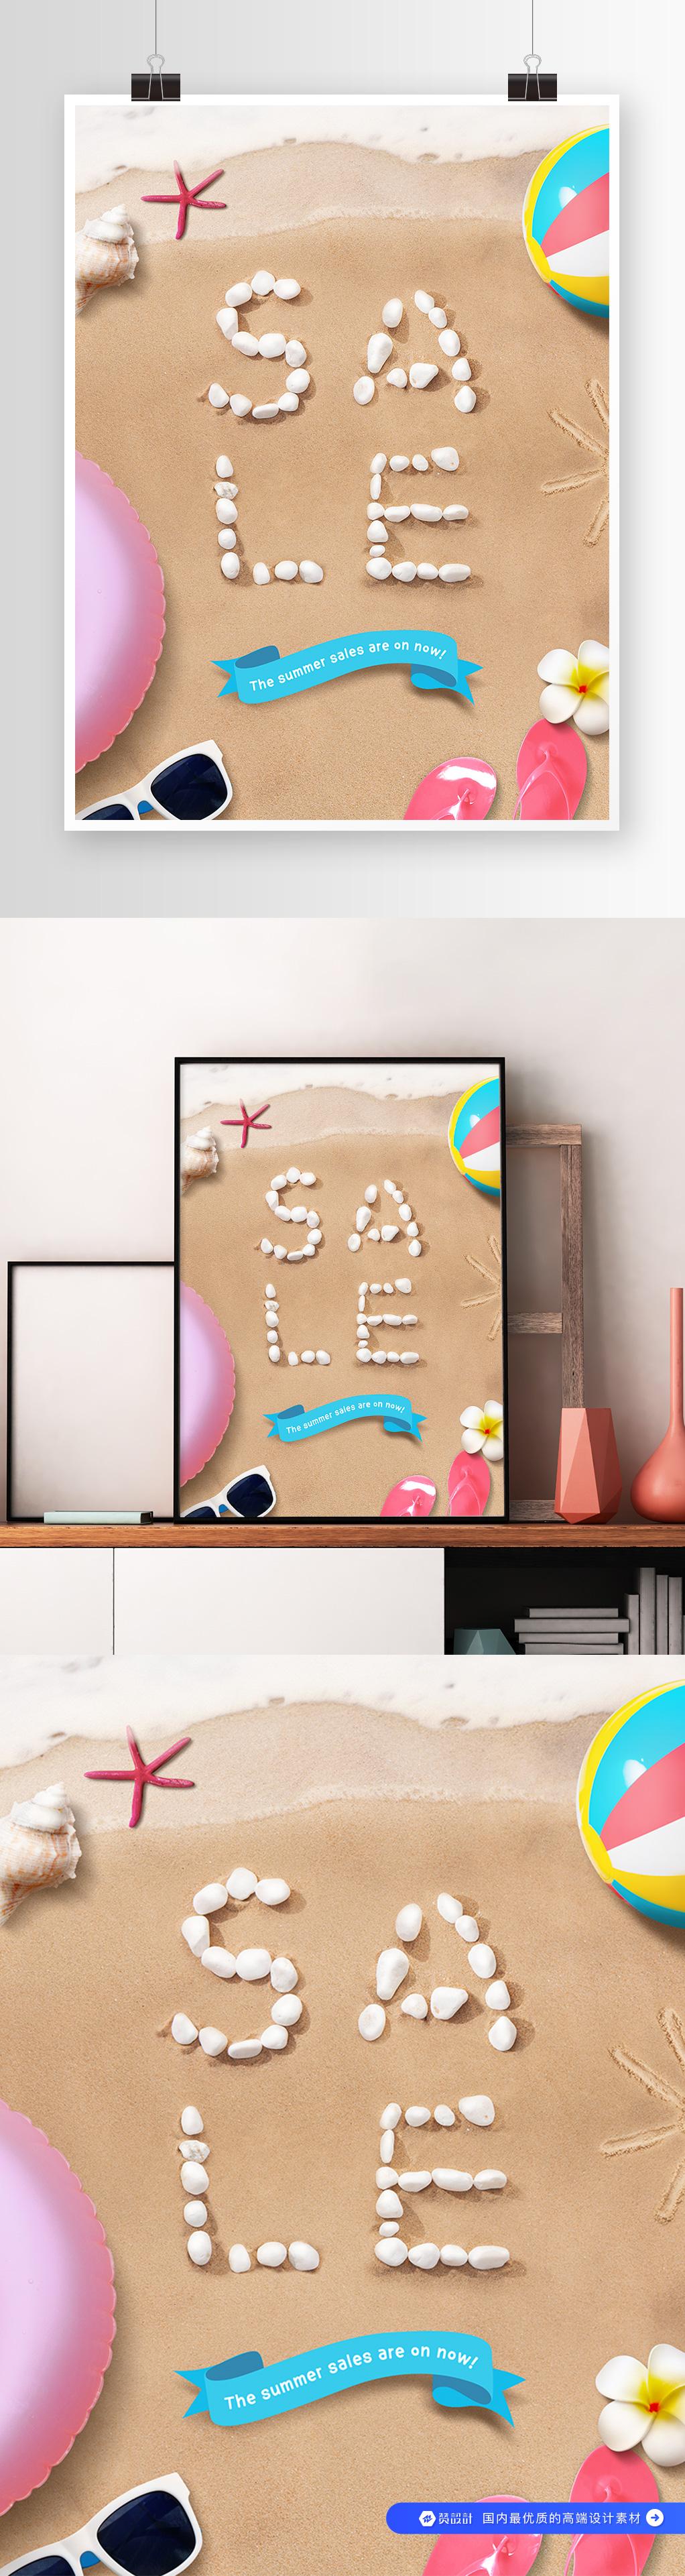 夏季海滩sale海报素材